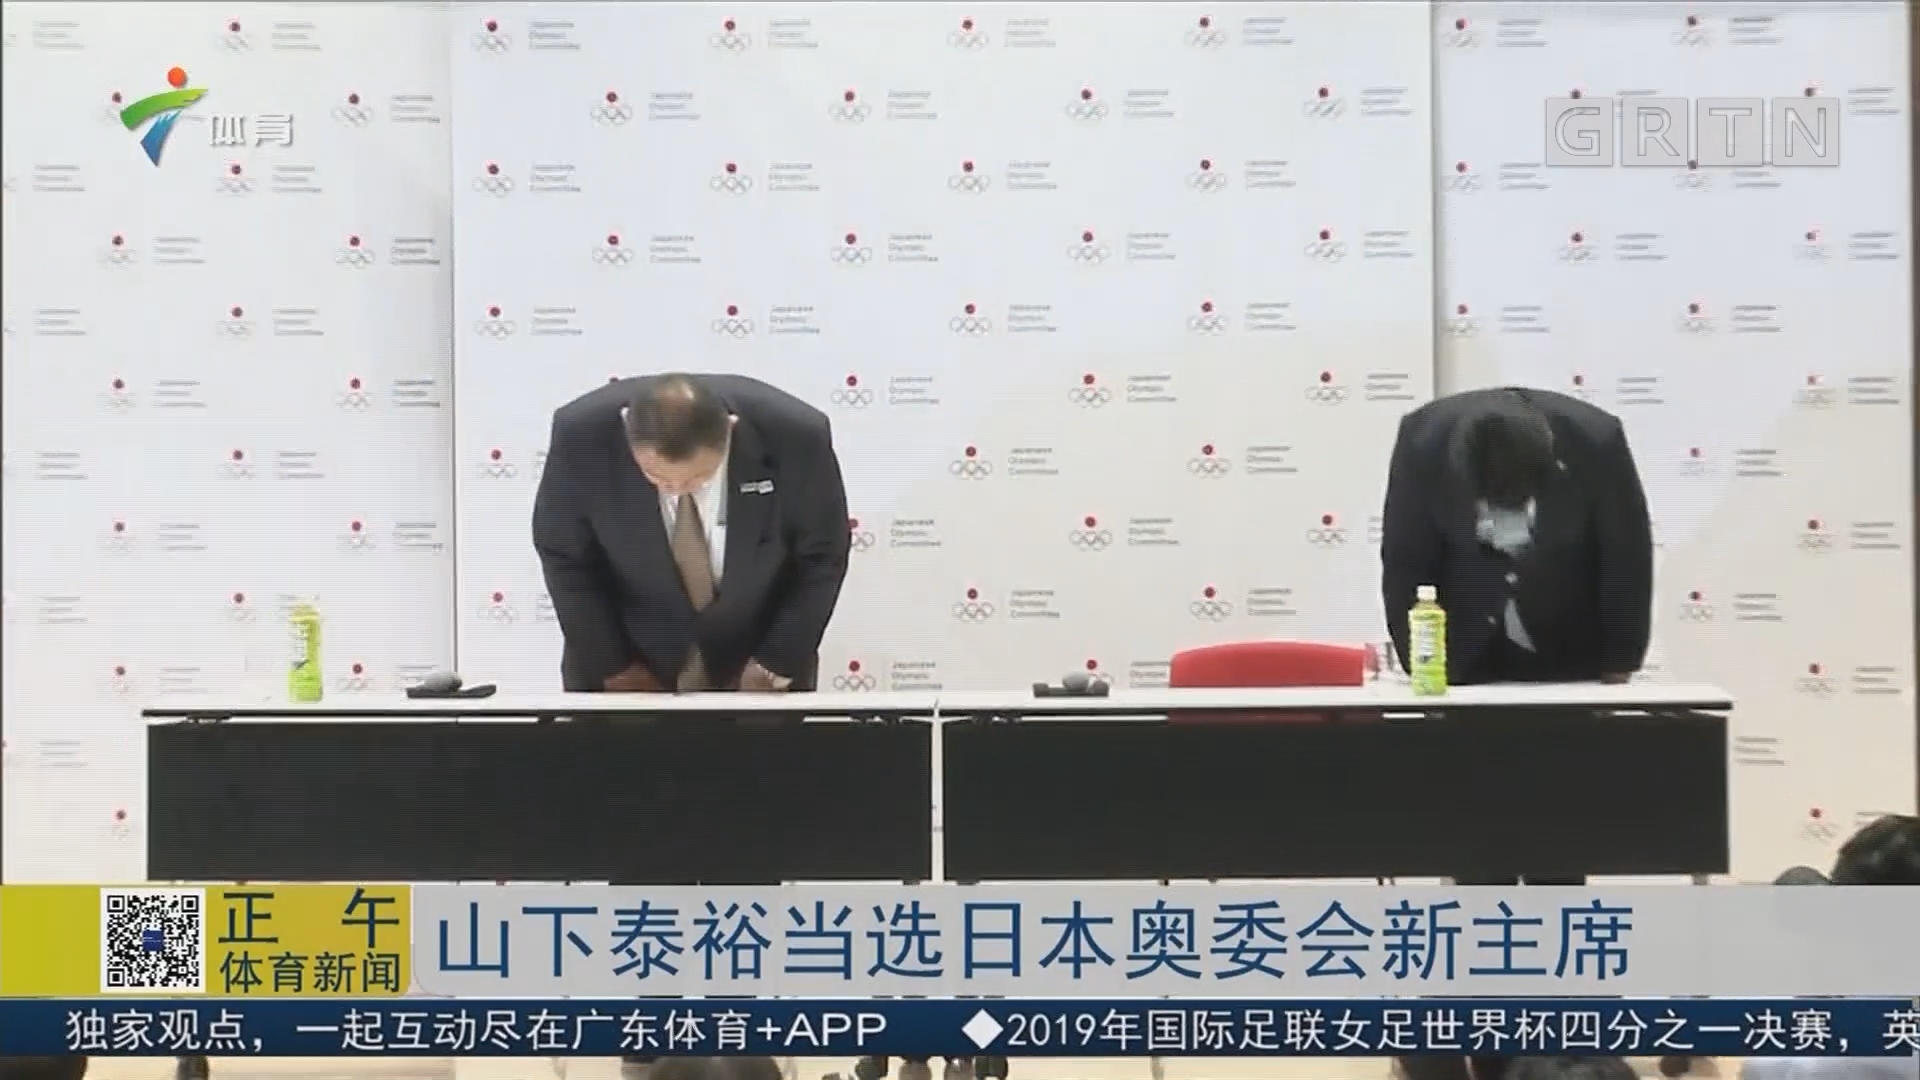 山下泰裕当选日本奥委会新主席